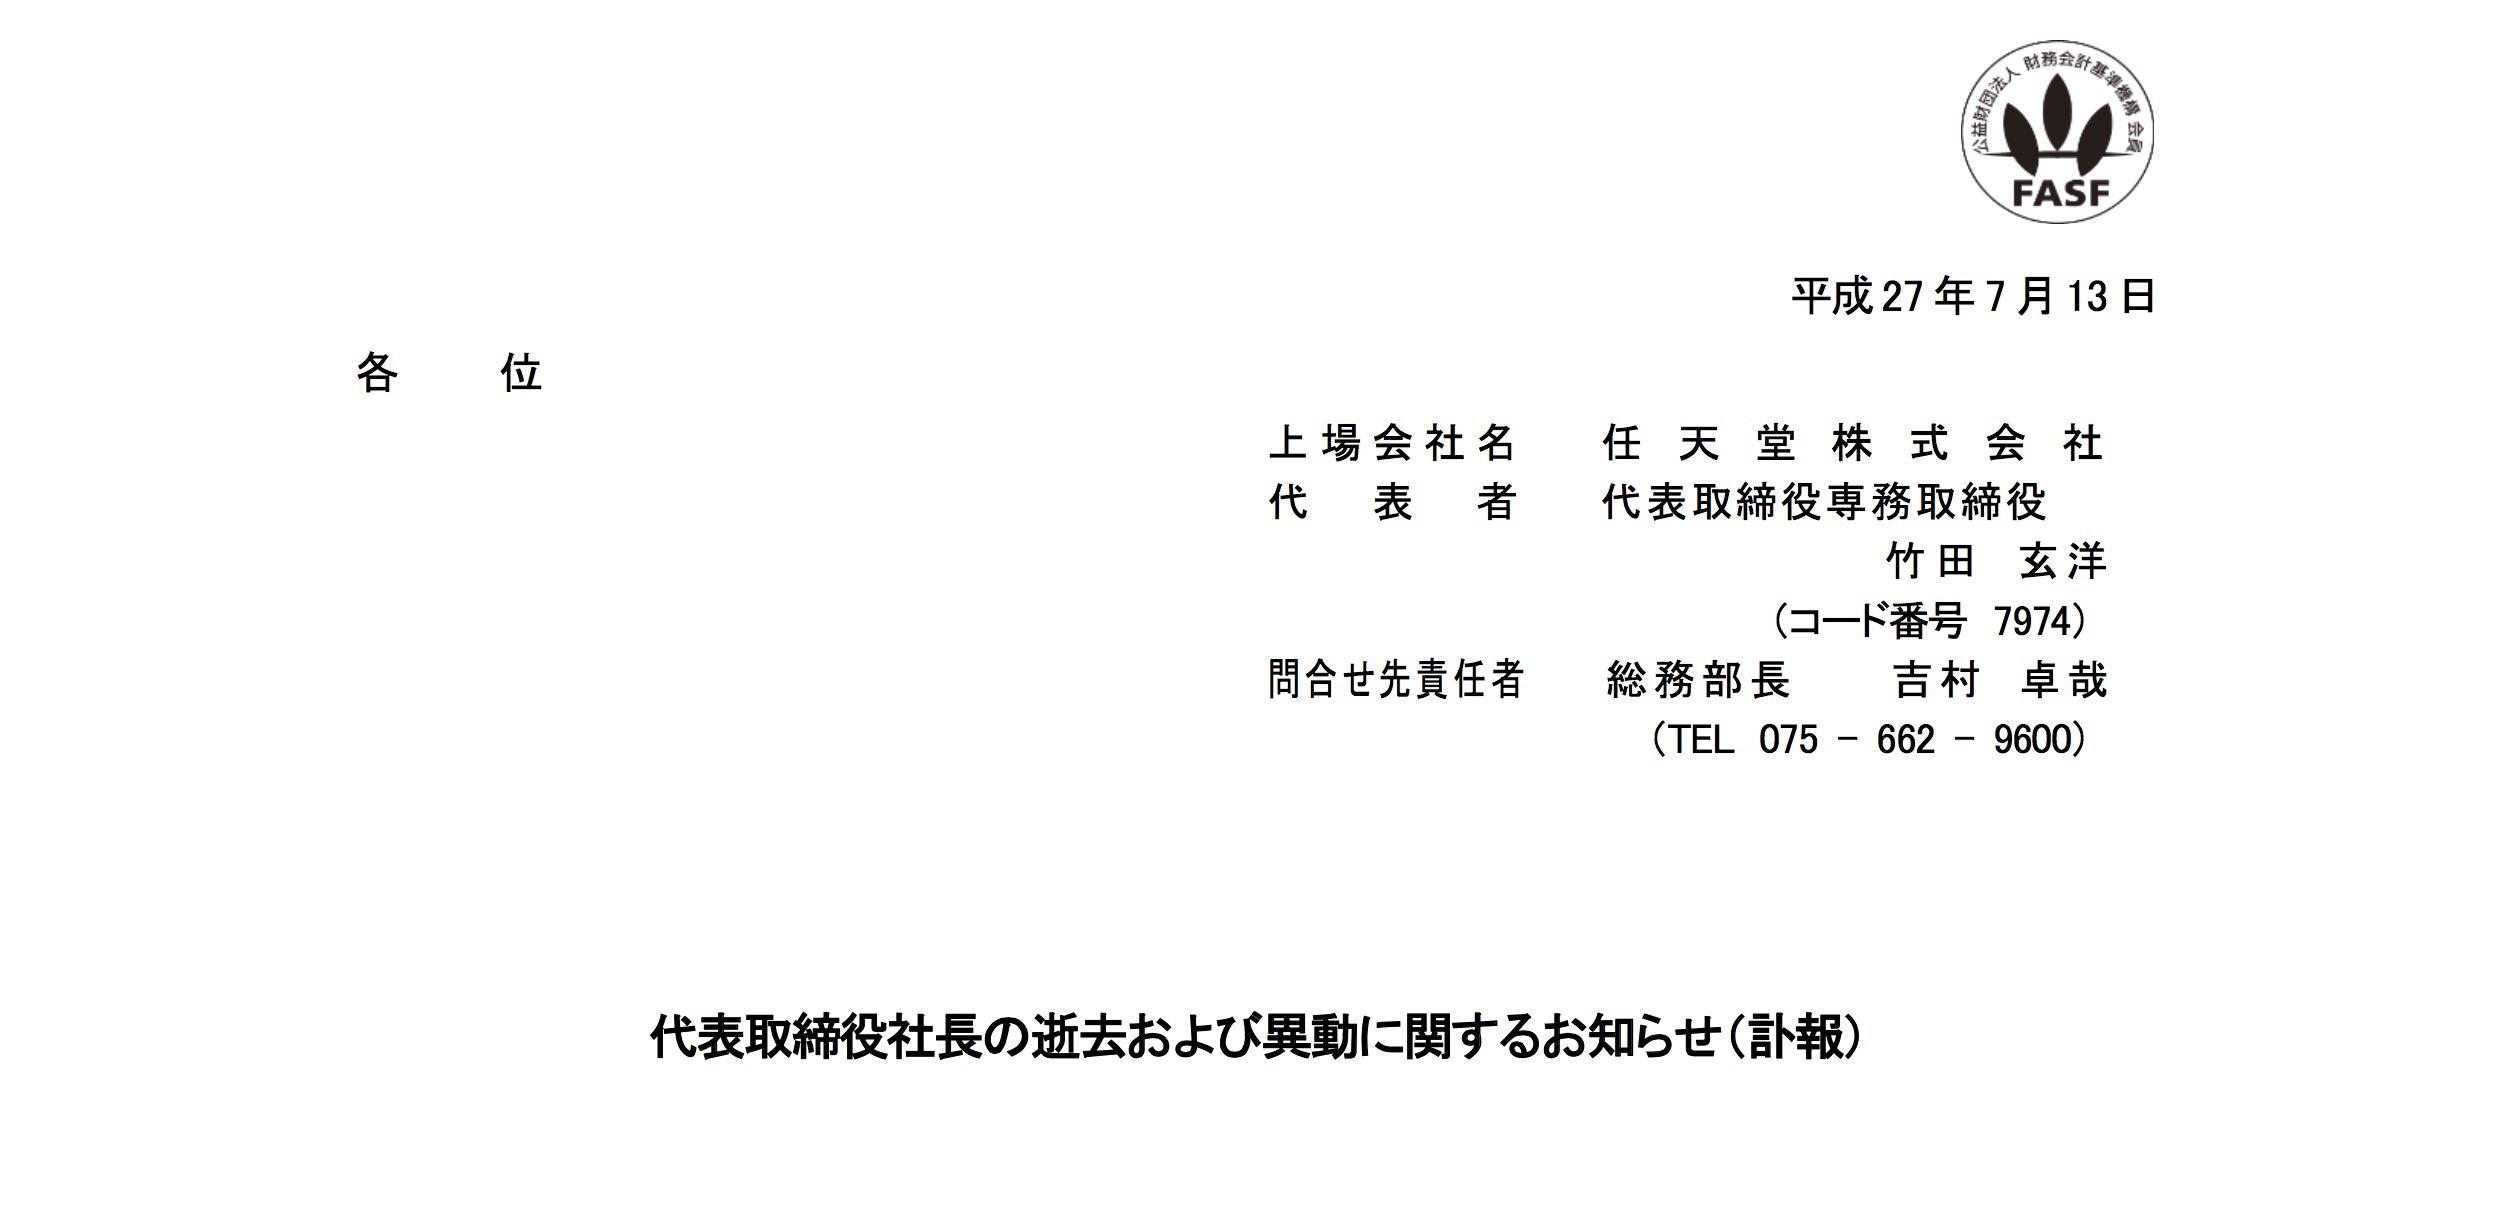 任天堂最新情報pdfのスクショ